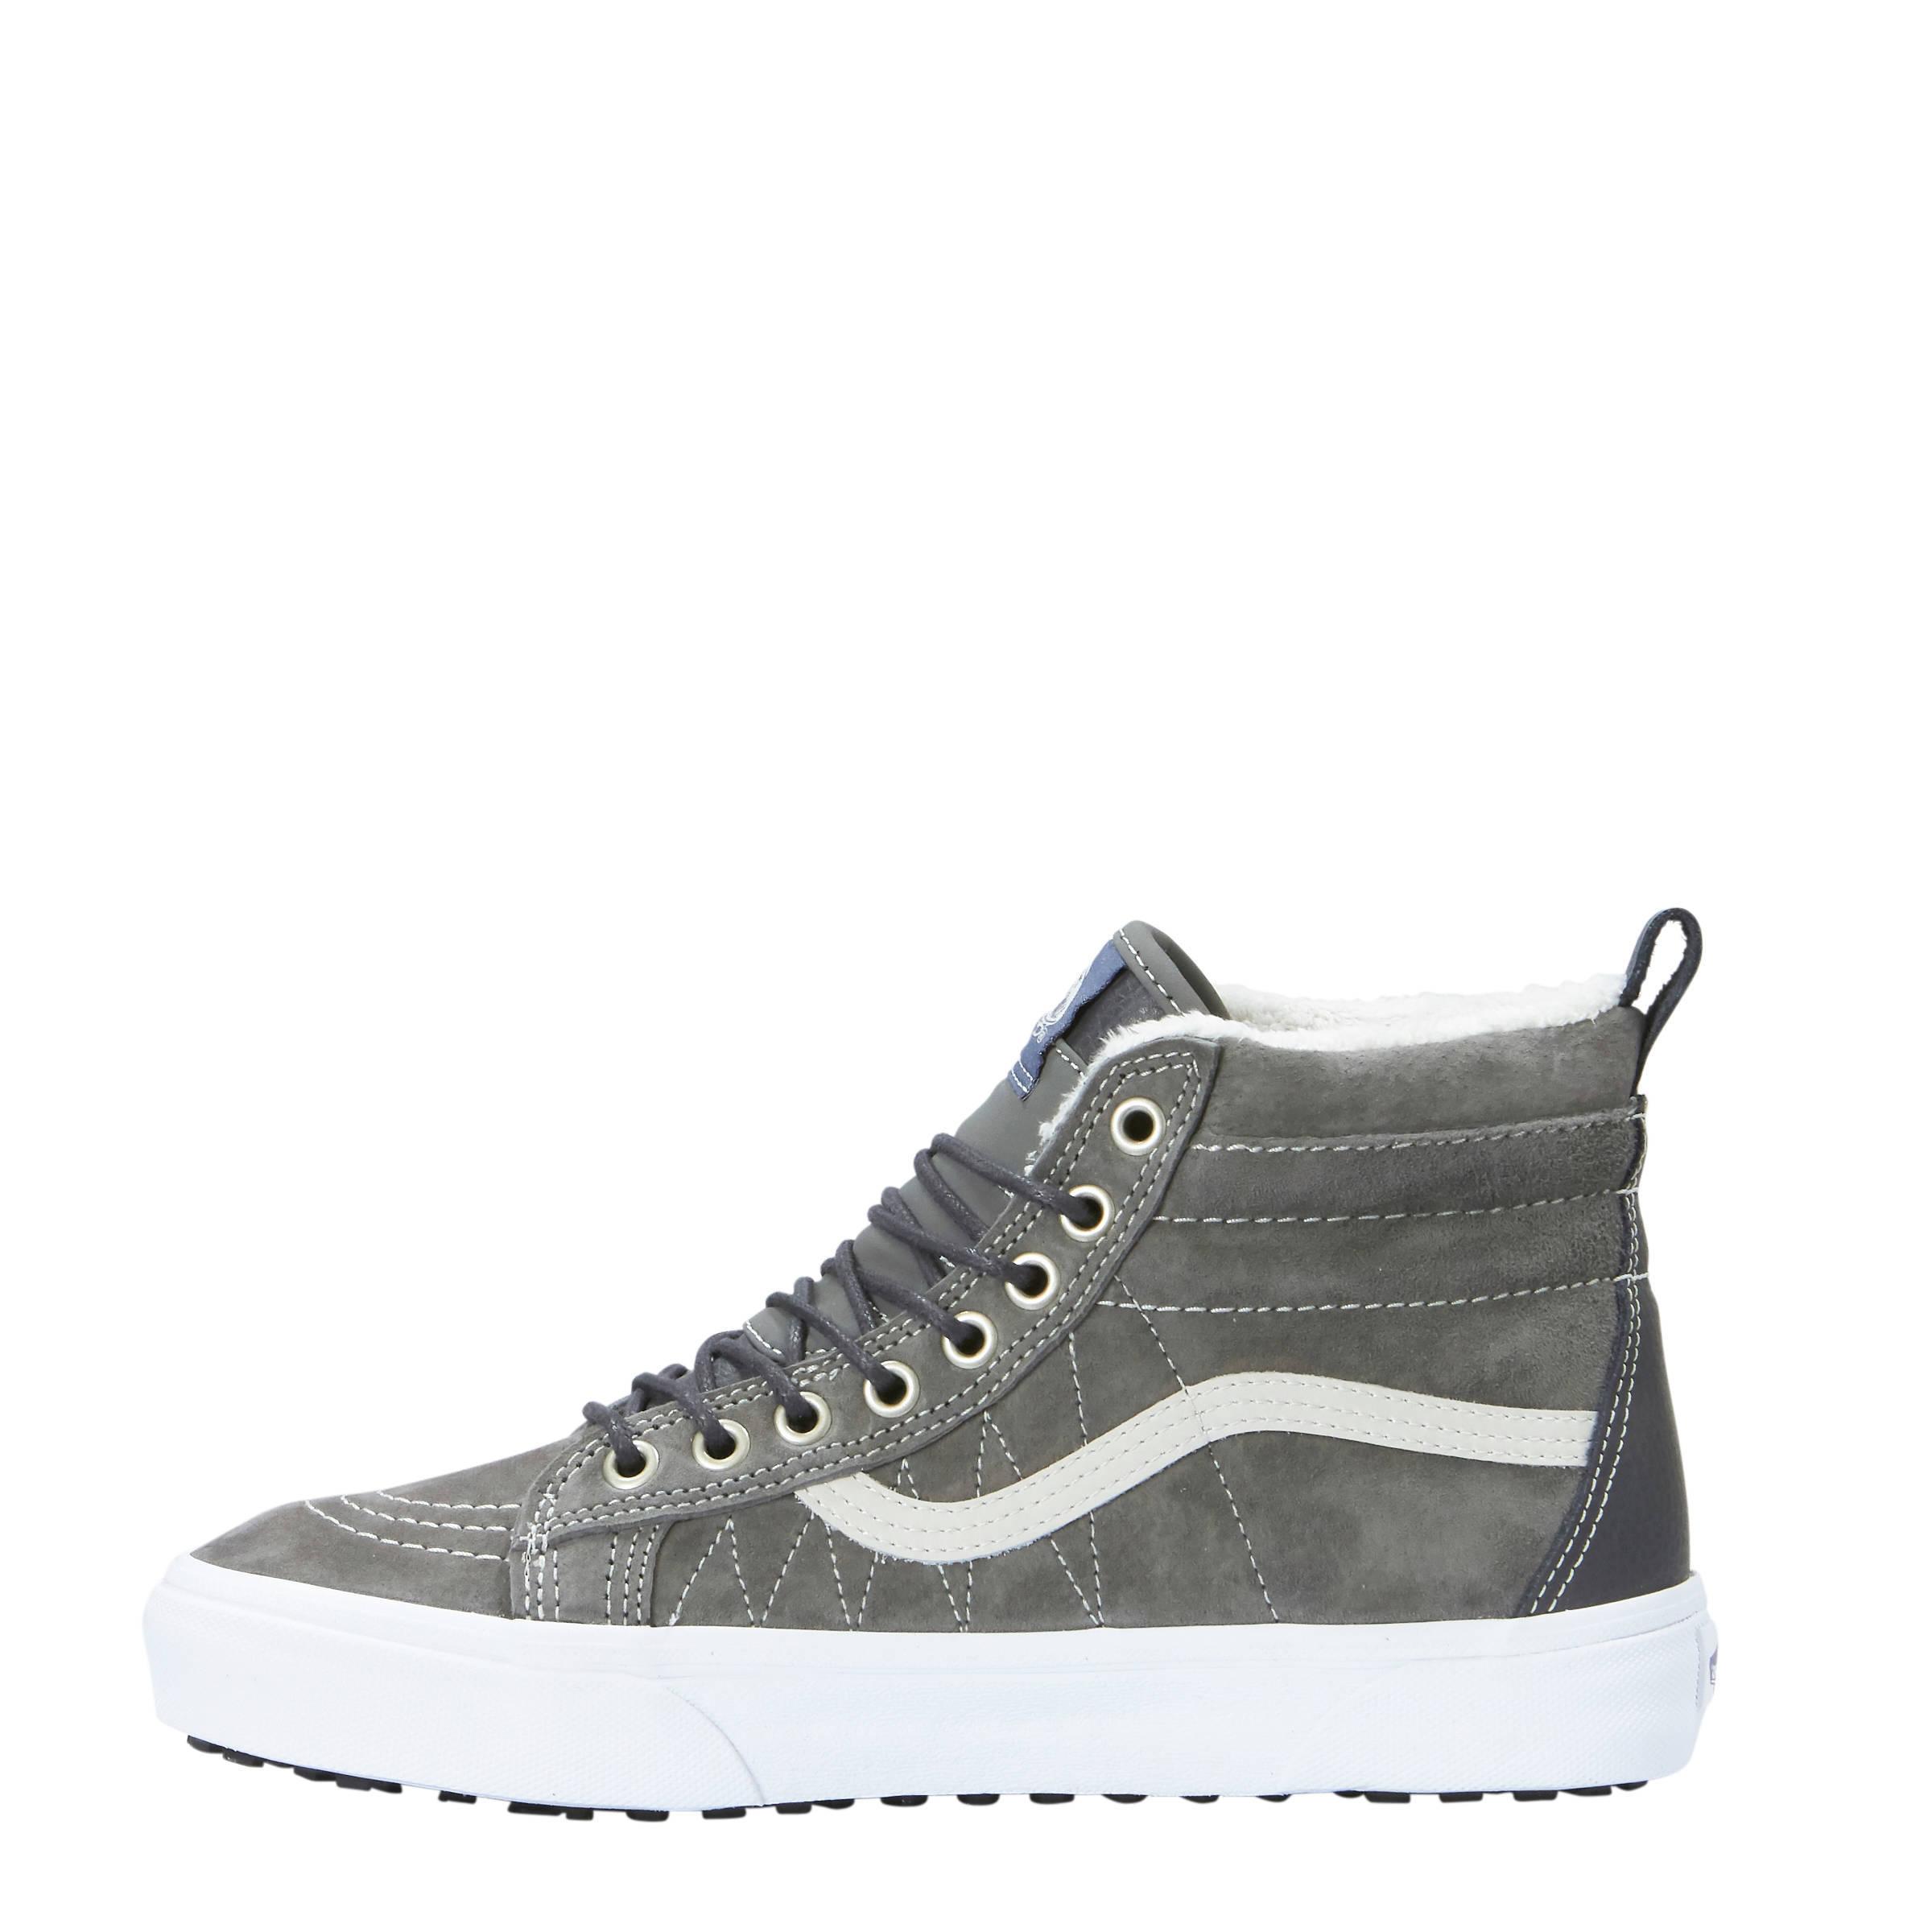 7cf4de3c4ef VANS Sk8-Hi MTE sneakers | wehkamp